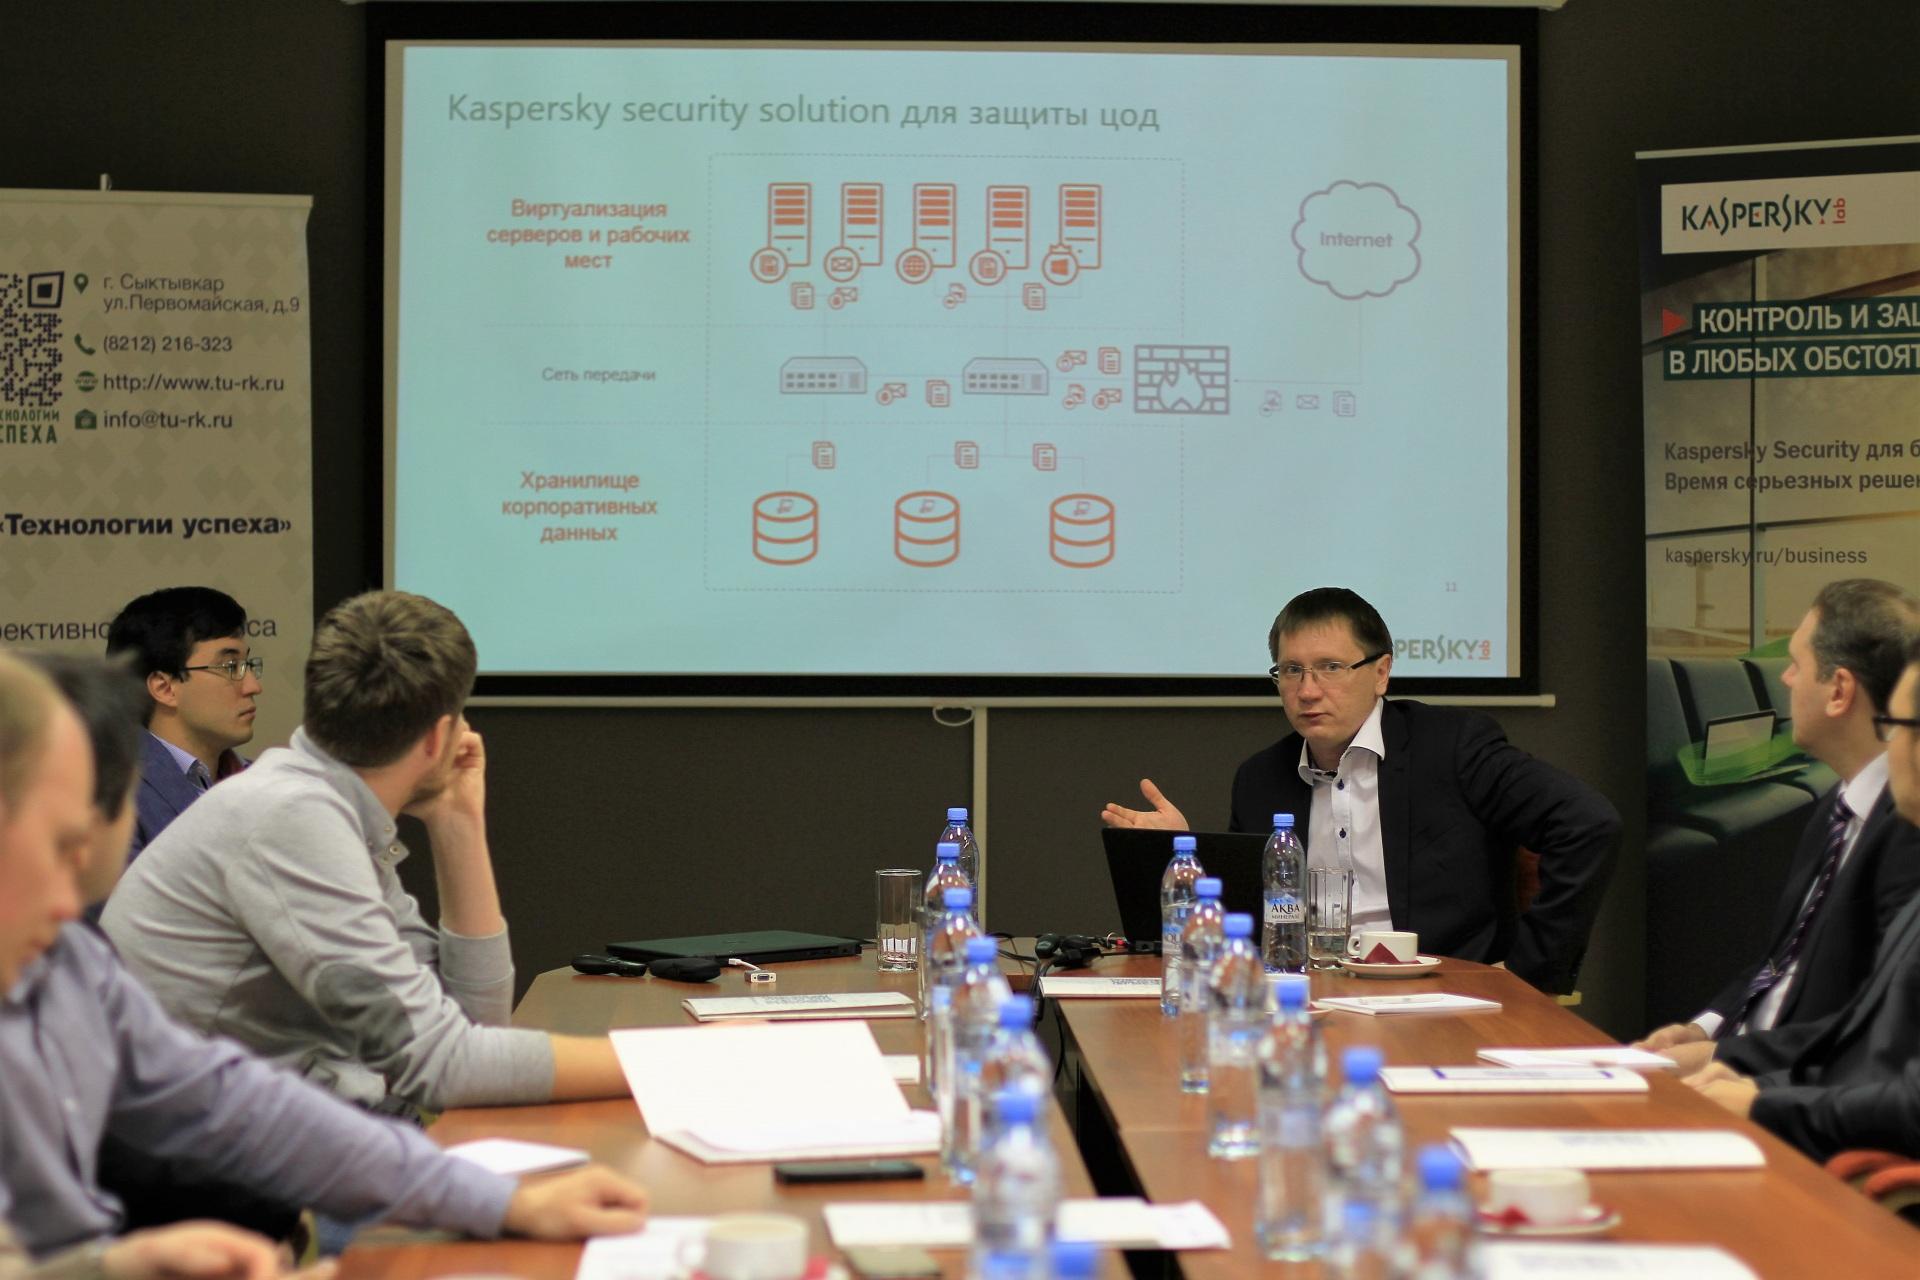 В Сыктывкаре прошла серия мероприятий, посвященных вопросам защиты информационных систем